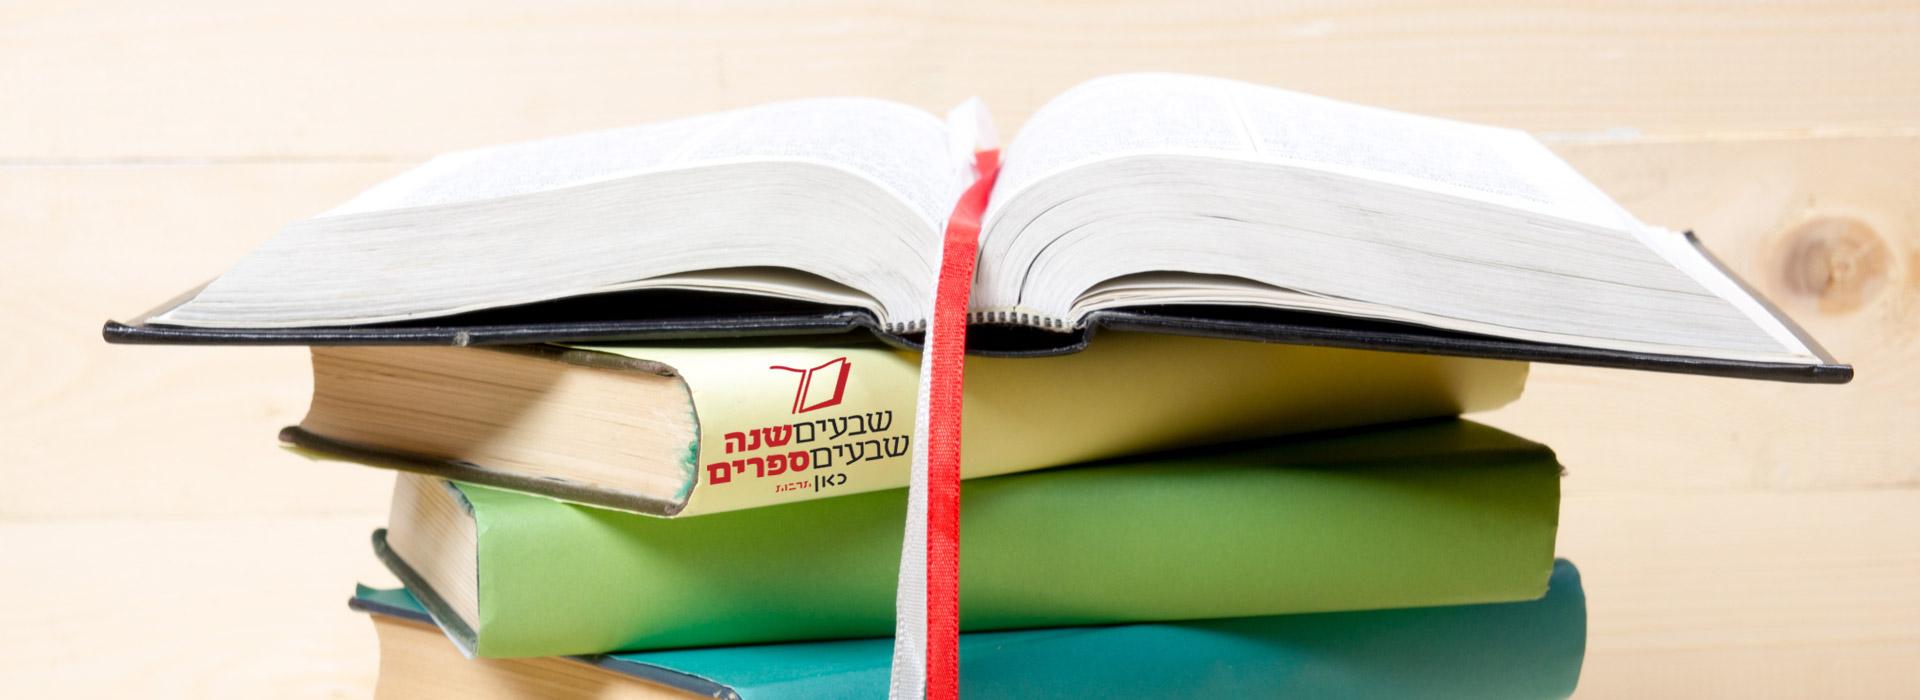 הוצאת הספריה החדשה